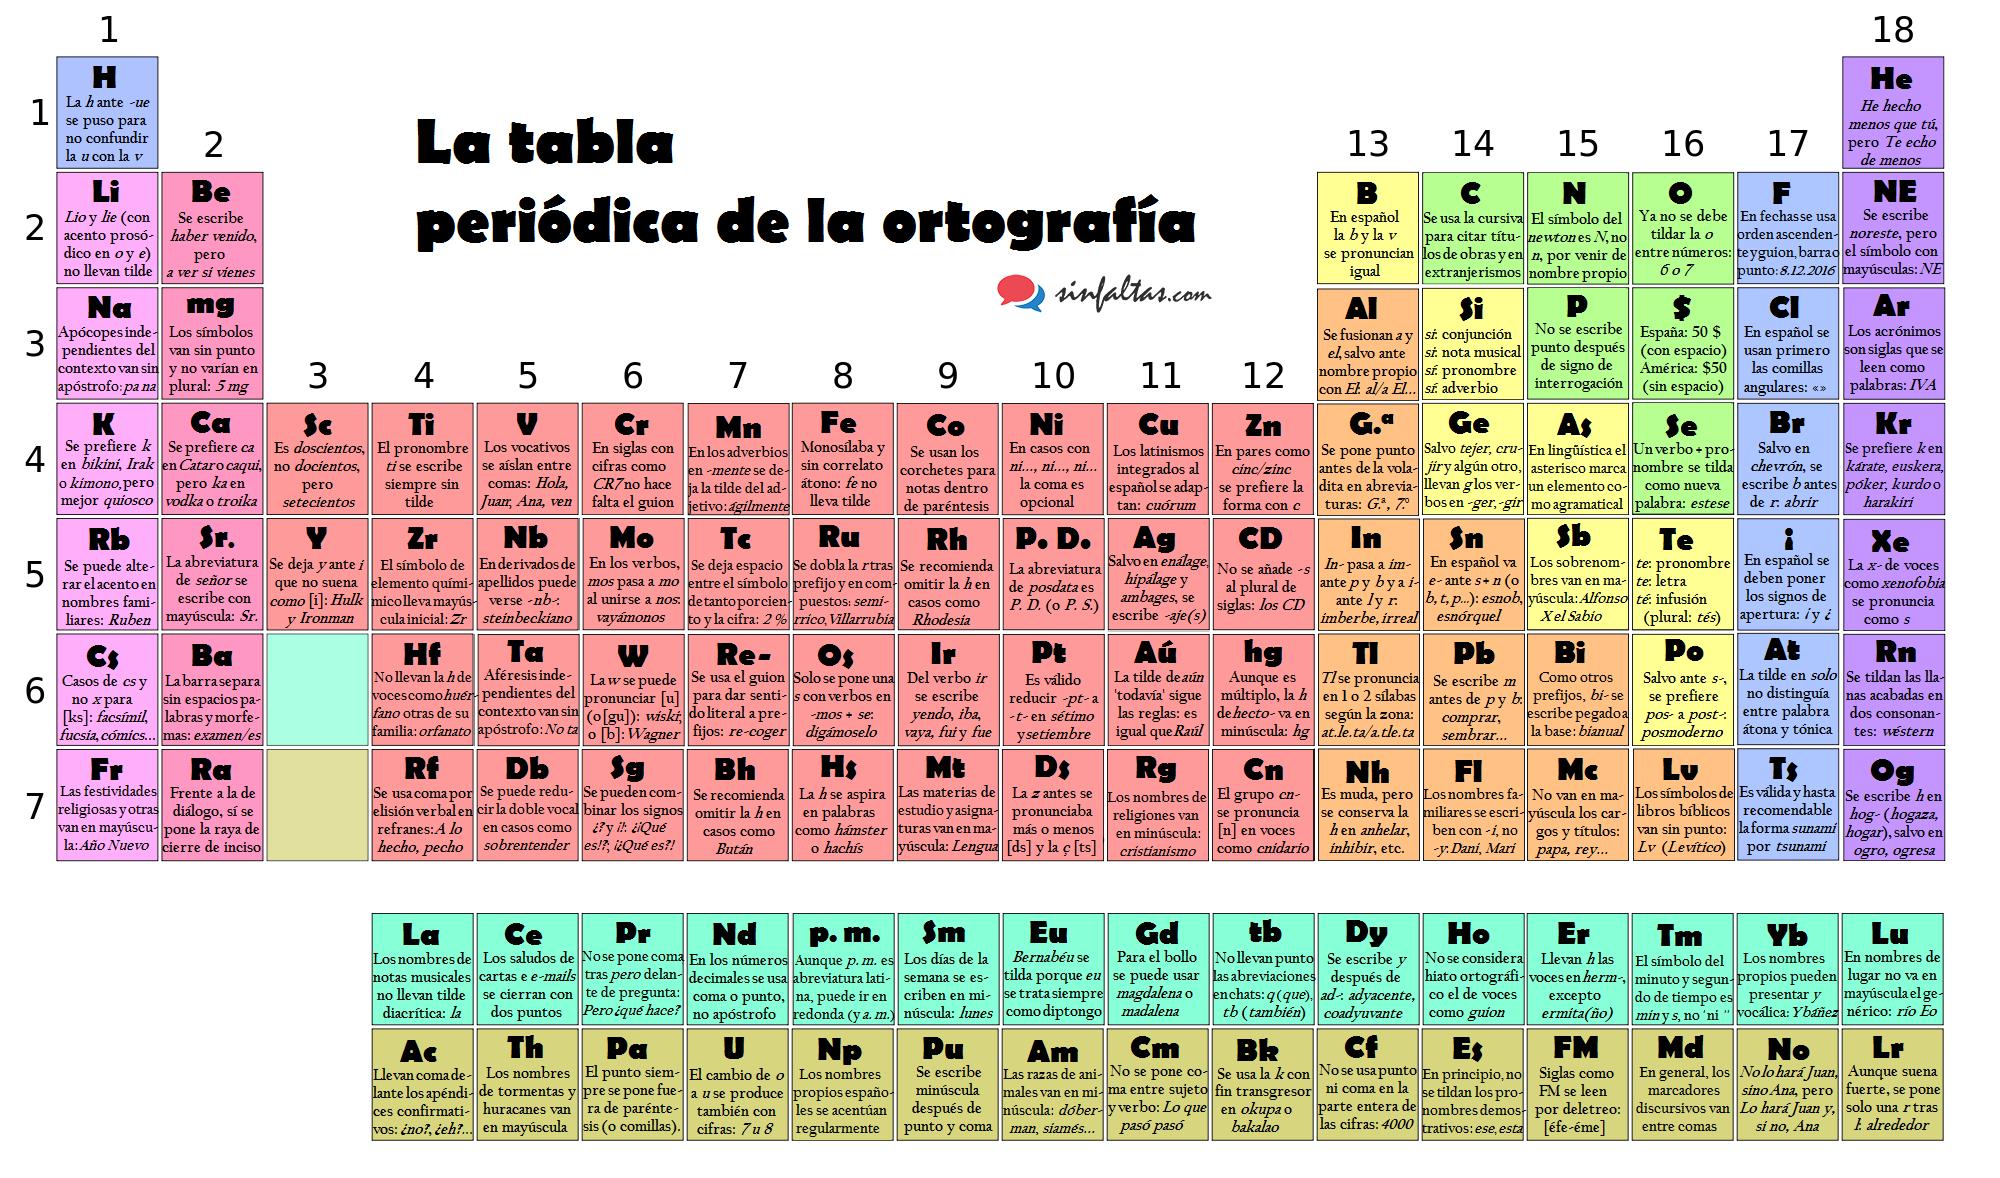 Una tabla peridica para consultar dudas ortogrficas verne el pas mira aqu en detalle todos los elementos de esta tabla peridica de ortografa urtaz Gallery